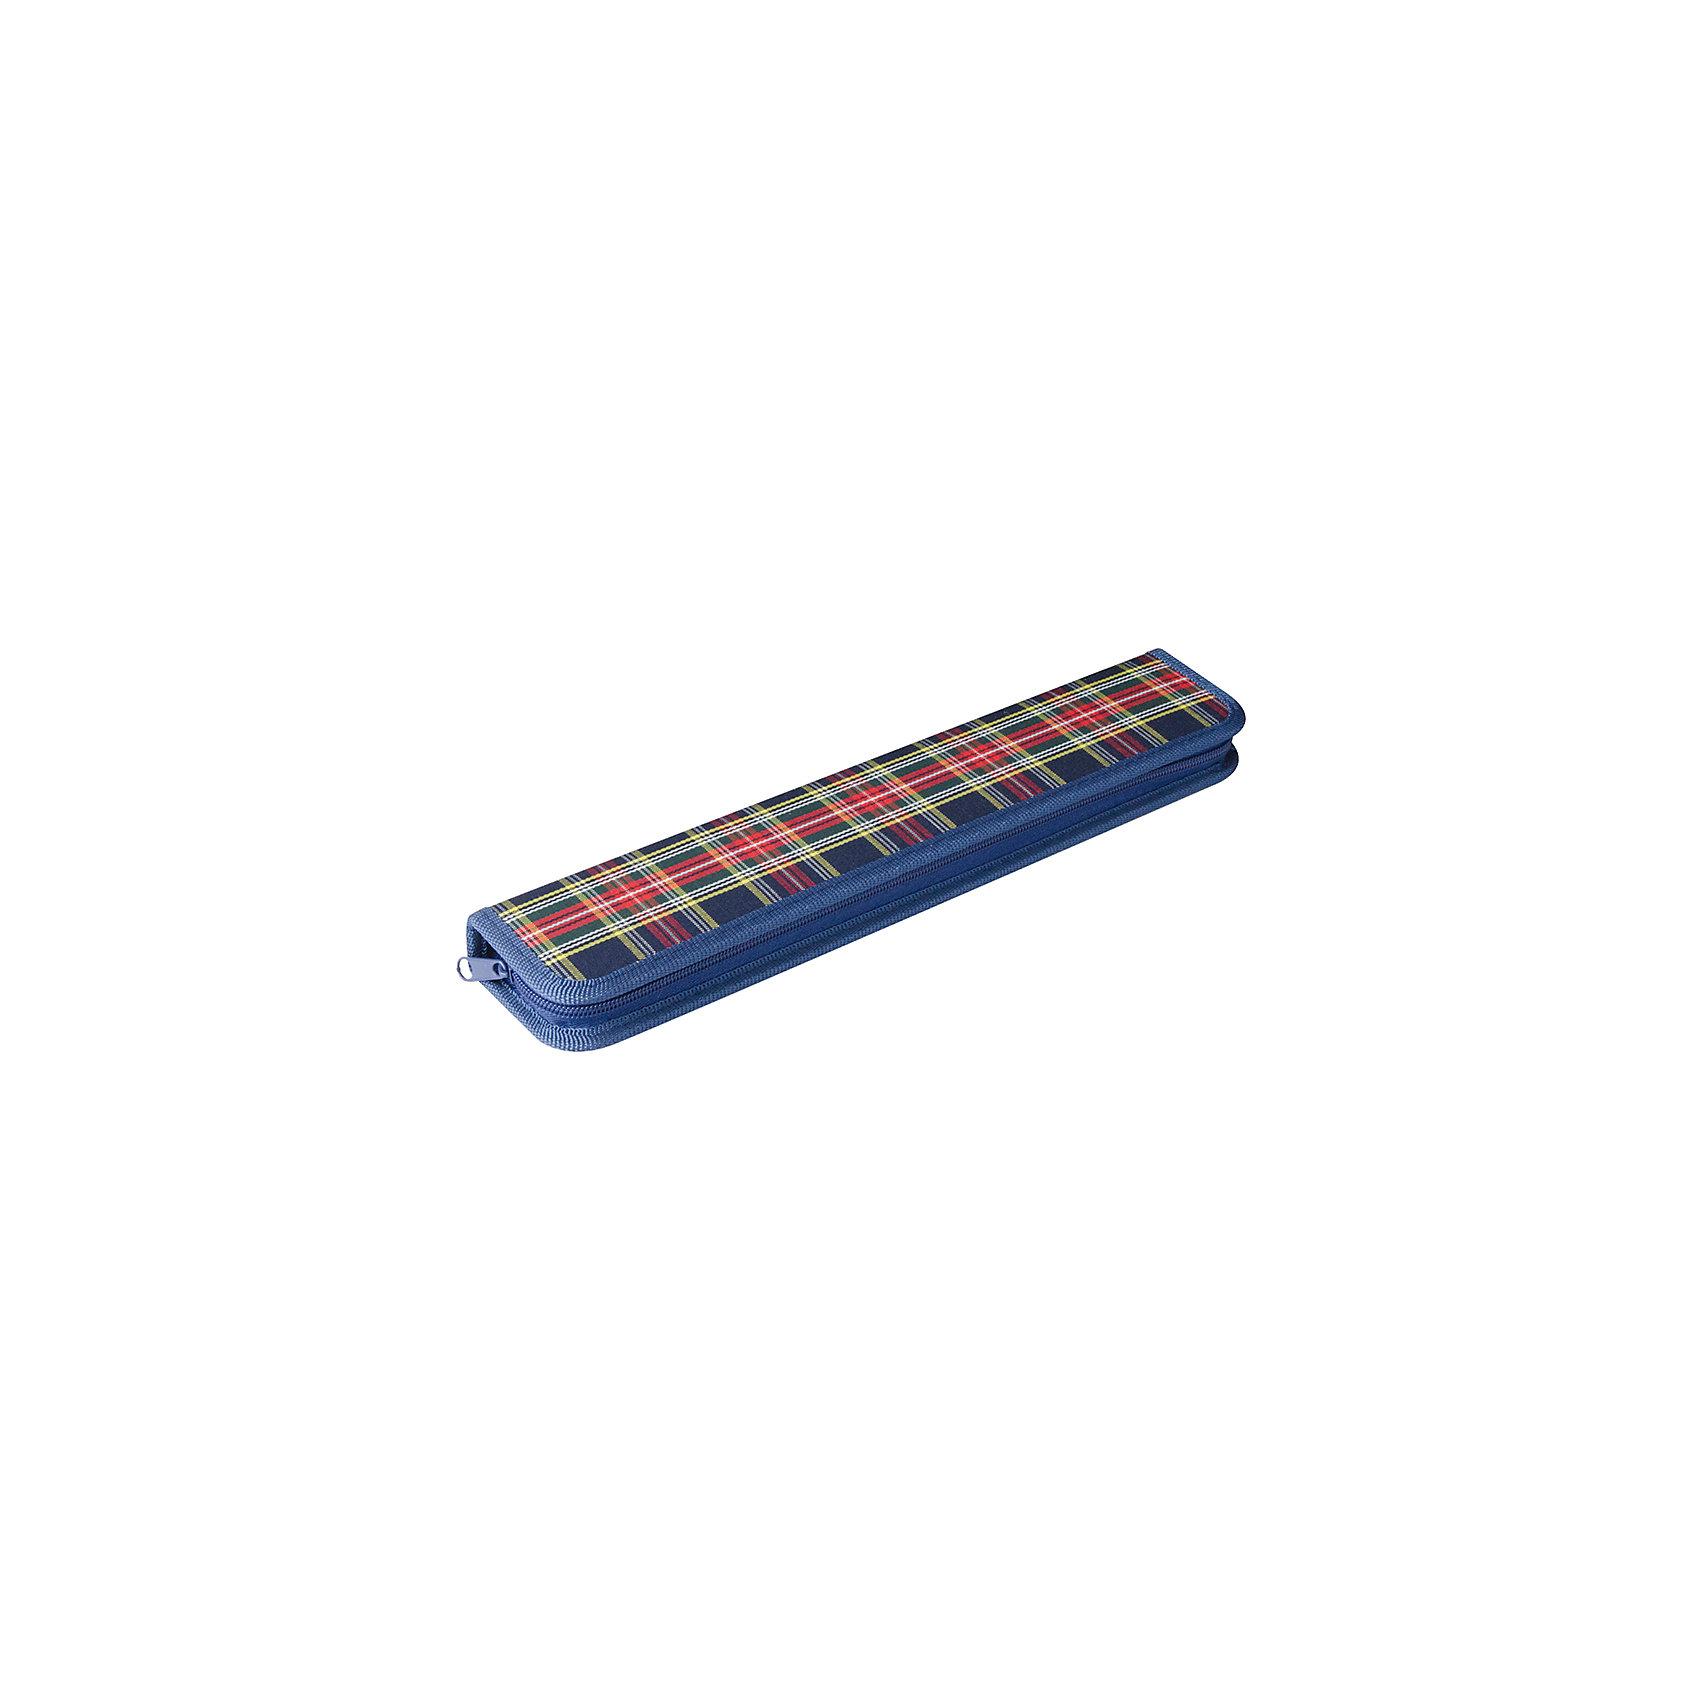 Пенал для кистей 340*70мм ArtSpace, шотландкаРисование и лепка<br>Материал: ткань<br>Тип пенала: футляр<br>Размер: 340*70<br>Цвет: клетка<br>Материал - ткань; Цвет - шотландтка; Размер - 340*70; Тип пенала - футляр<br><br>Ширина мм: 370<br>Глубина мм: 70<br>Высота мм: 20<br>Вес г: 3<br>Возраст от месяцев: 84<br>Возраст до месяцев: 2147483647<br>Пол: Унисекс<br>Возраст: Детский<br>SKU: 7044237